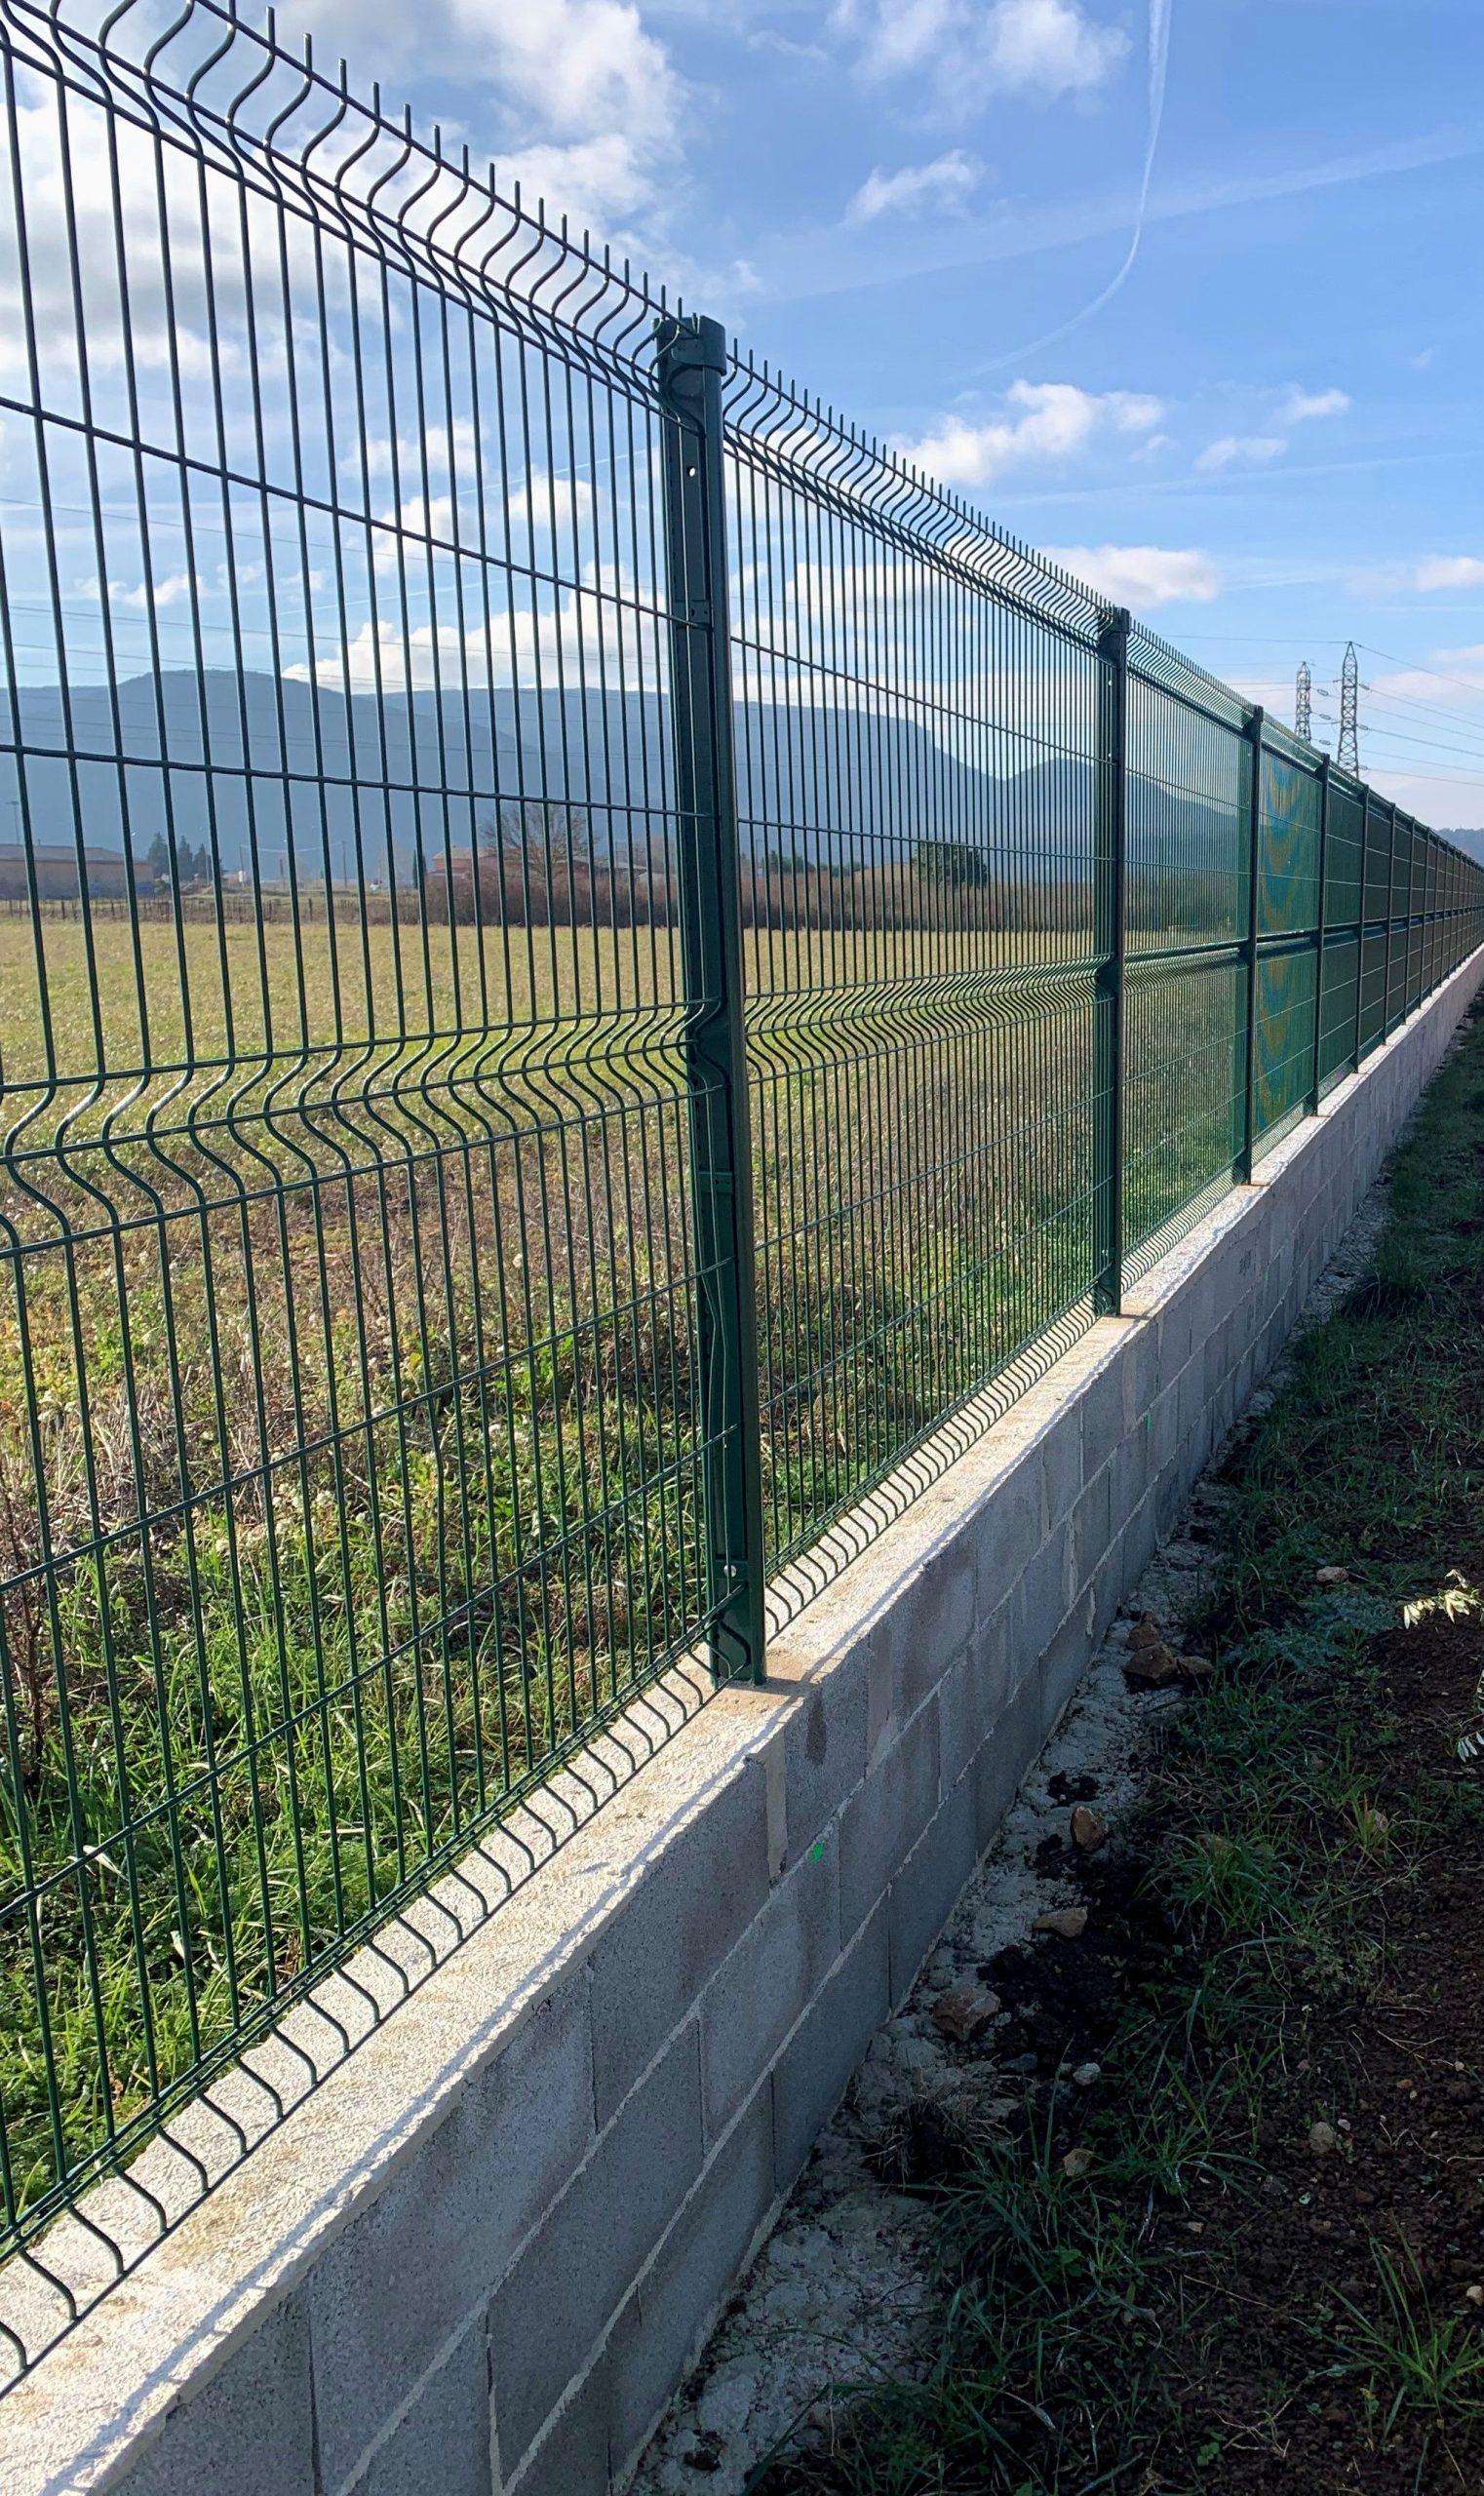 Prix Cloture Jardin Grillage Rigide Incroyables Portail & Cl ... avec Grillage De Jardin Rigide